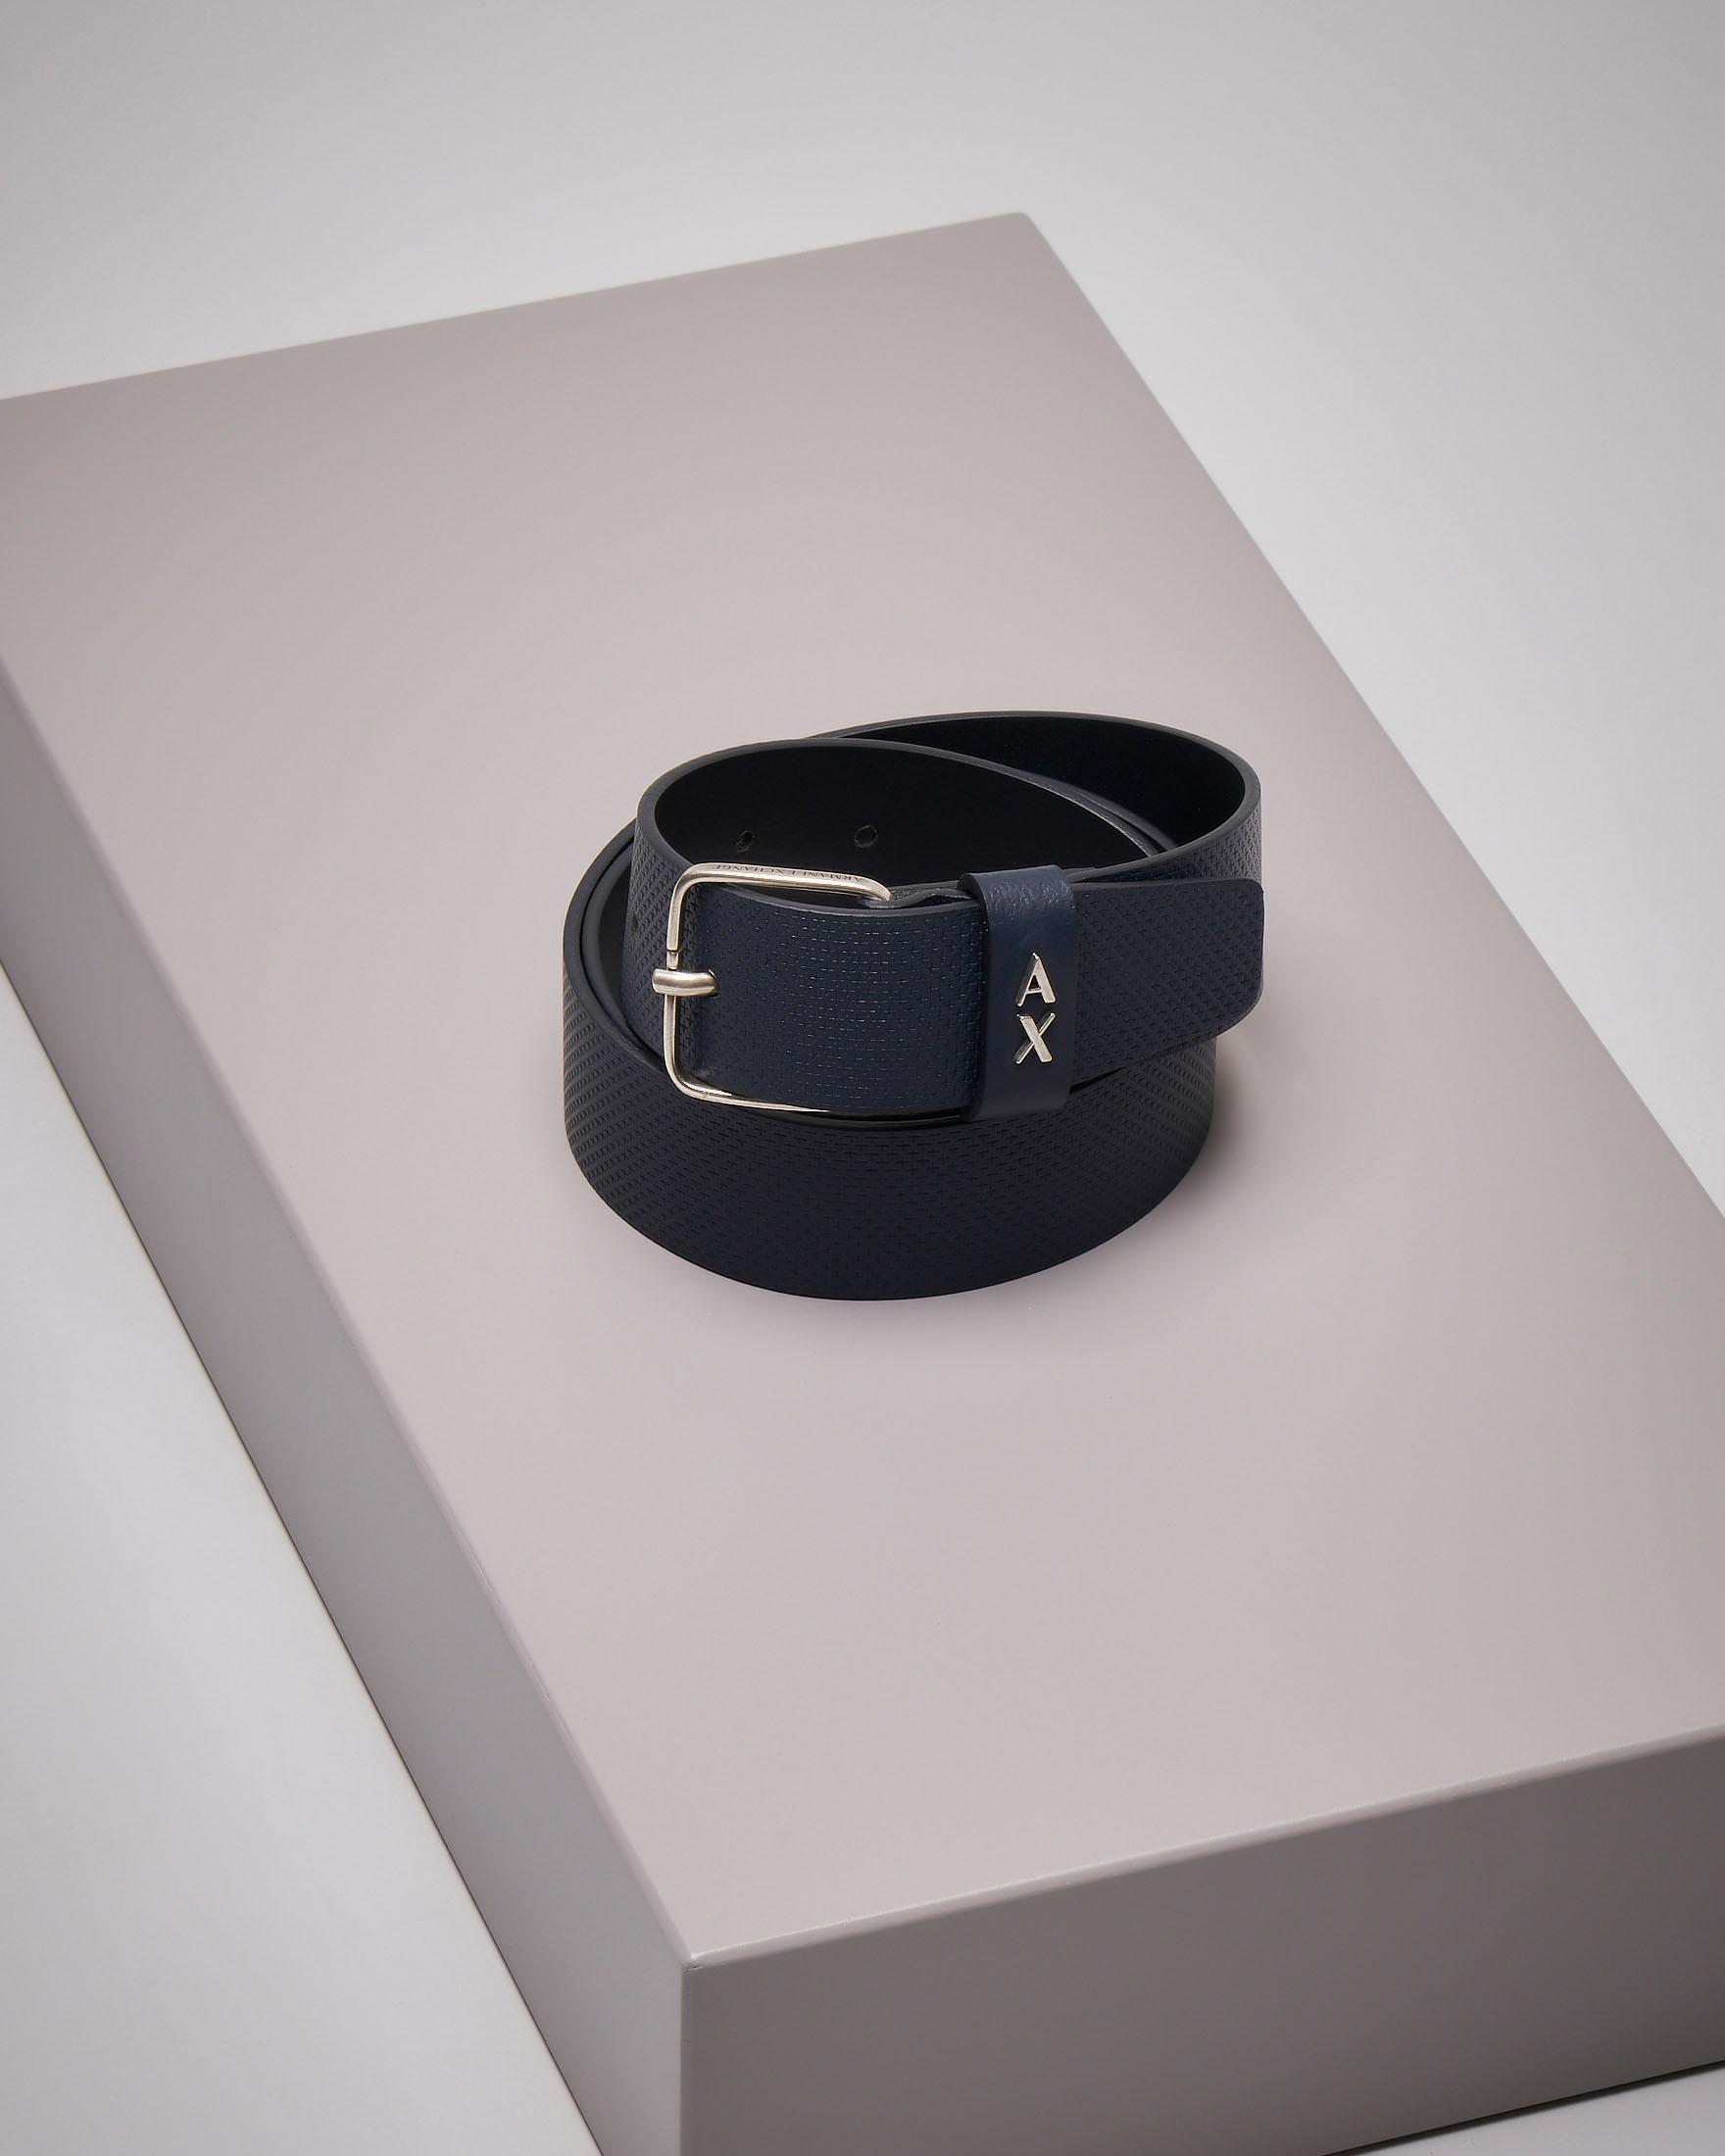 Cintura blu in pelle effetto puntinato